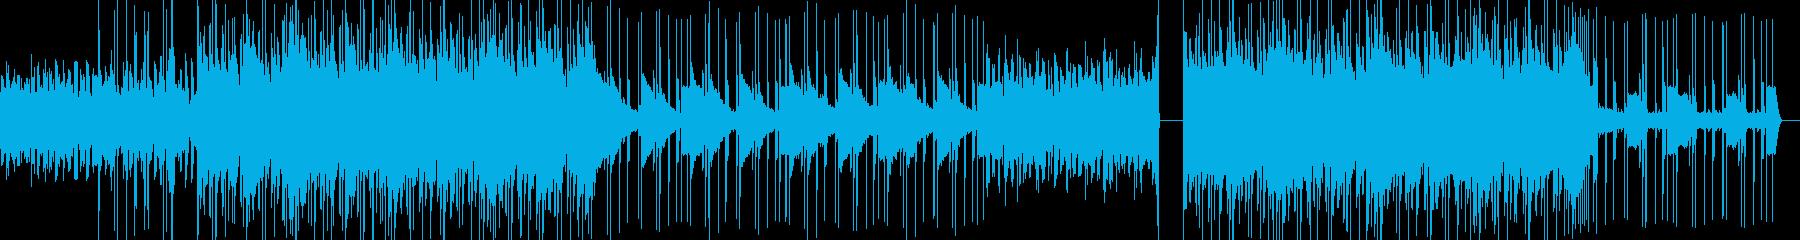 暗いhiphop/Trapの曲の再生済みの波形